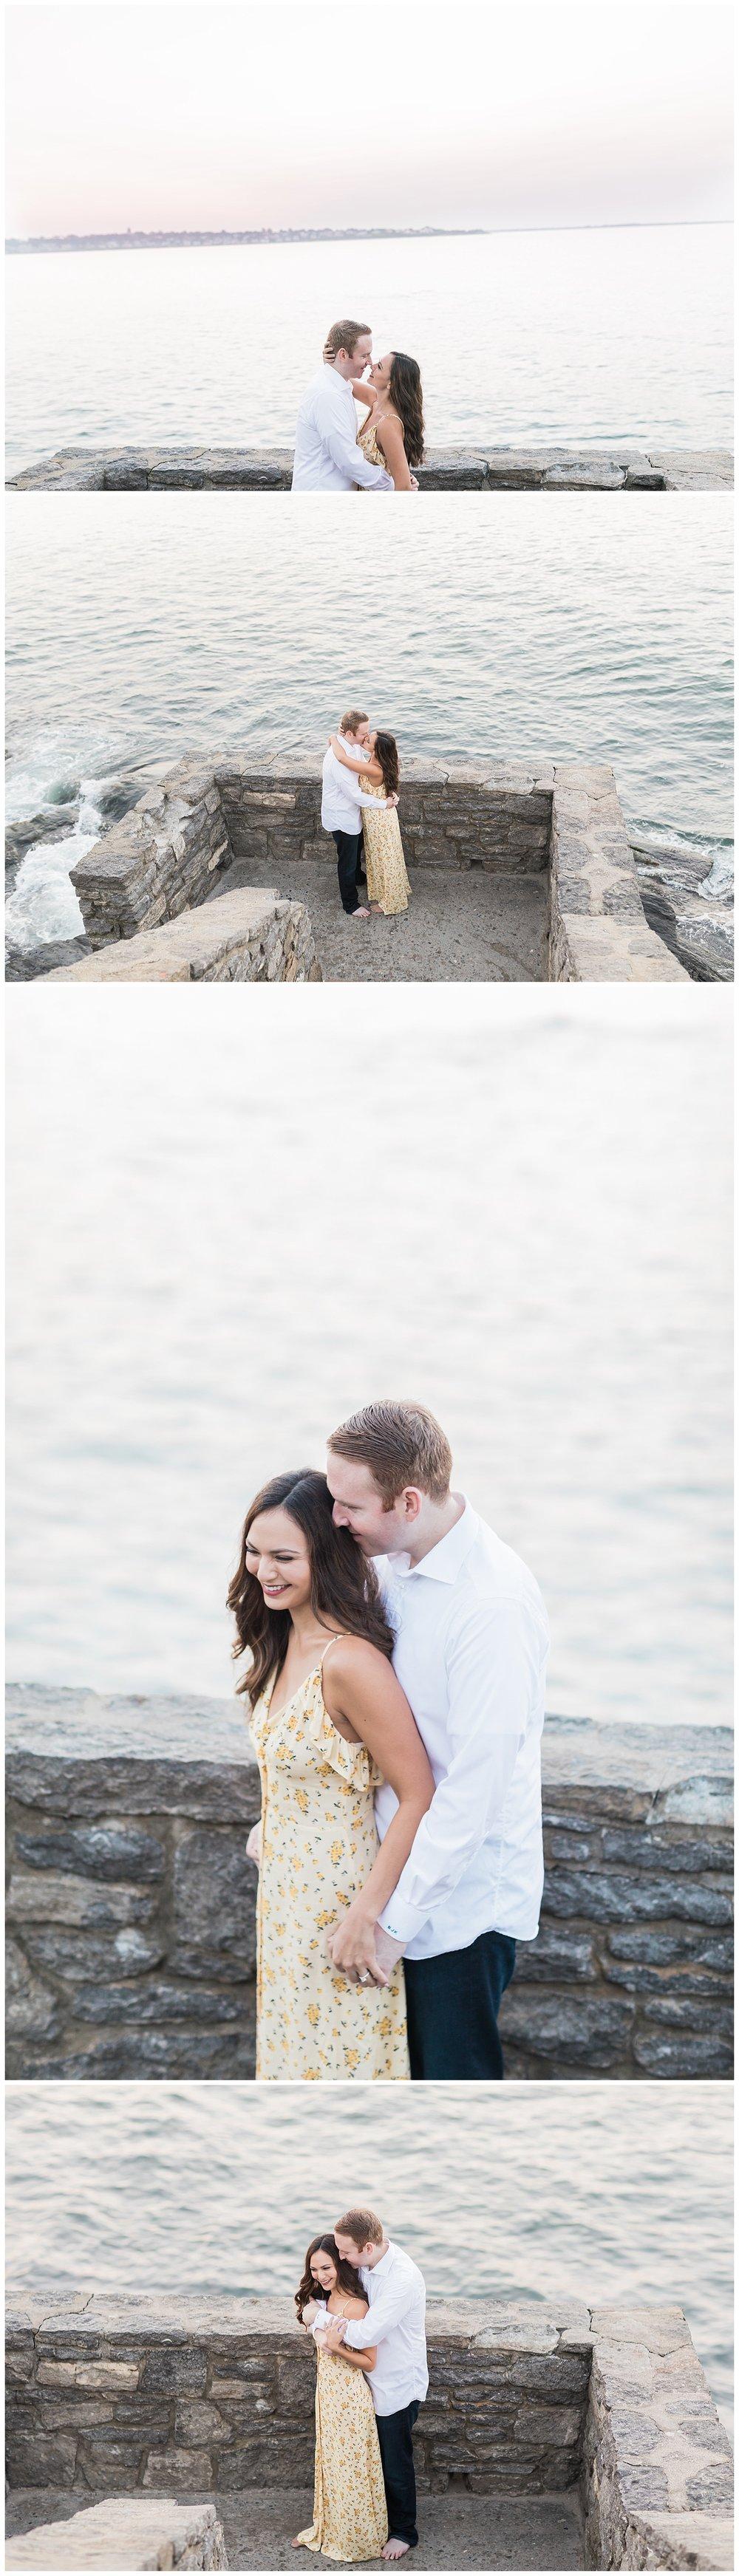 Ashley Burns Photography | Engagement Session